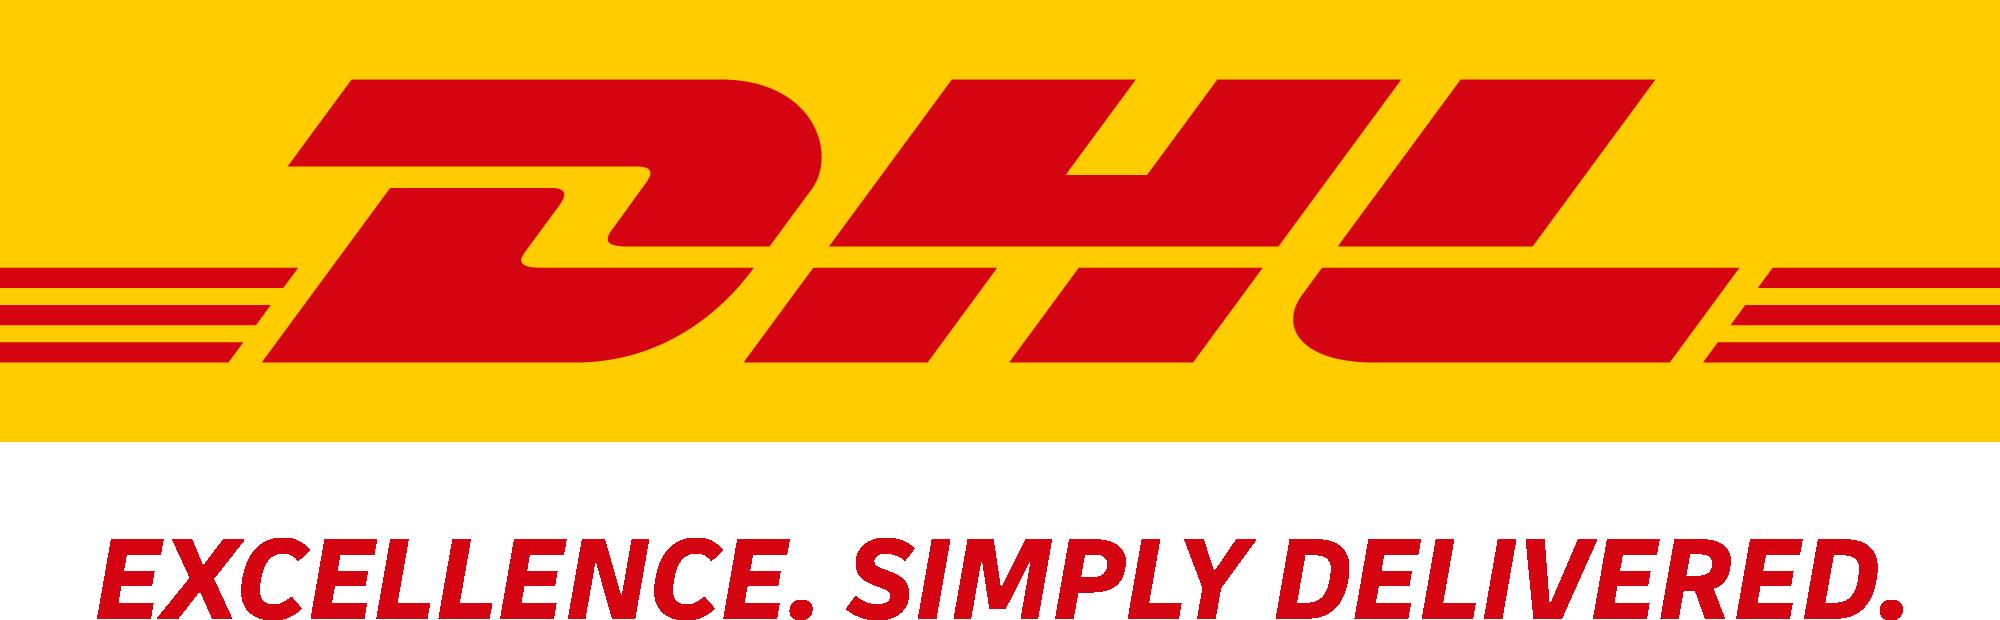 Versand DHL und Deutsche Post